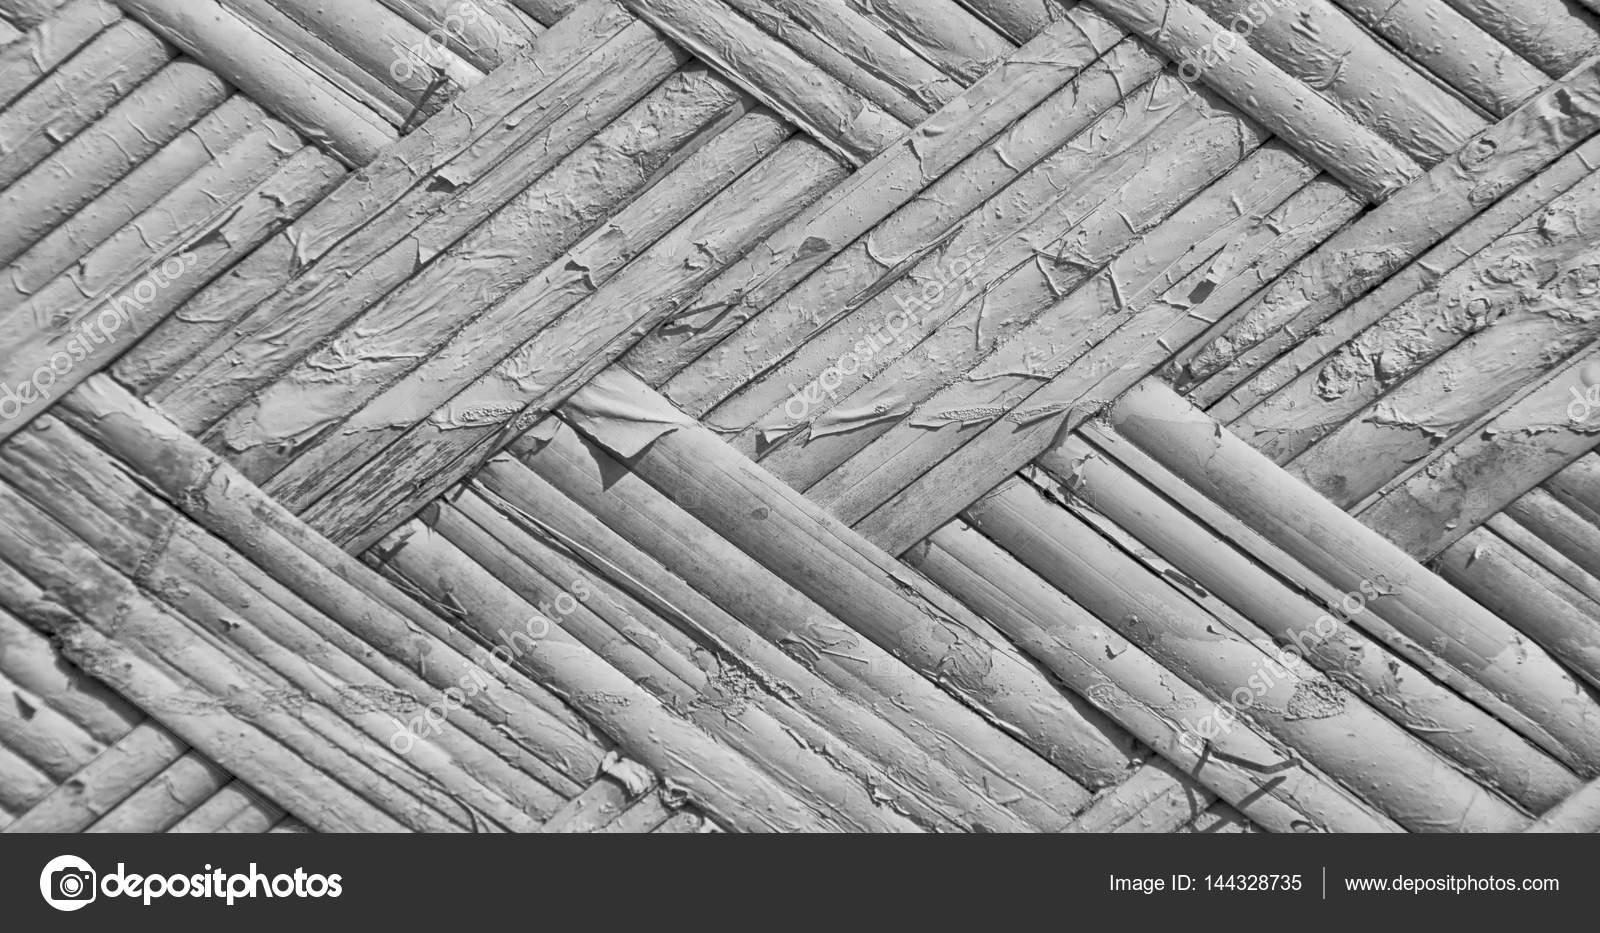 eine mauer bauen auf wicker bambus — stockfoto © lkpro #144328735